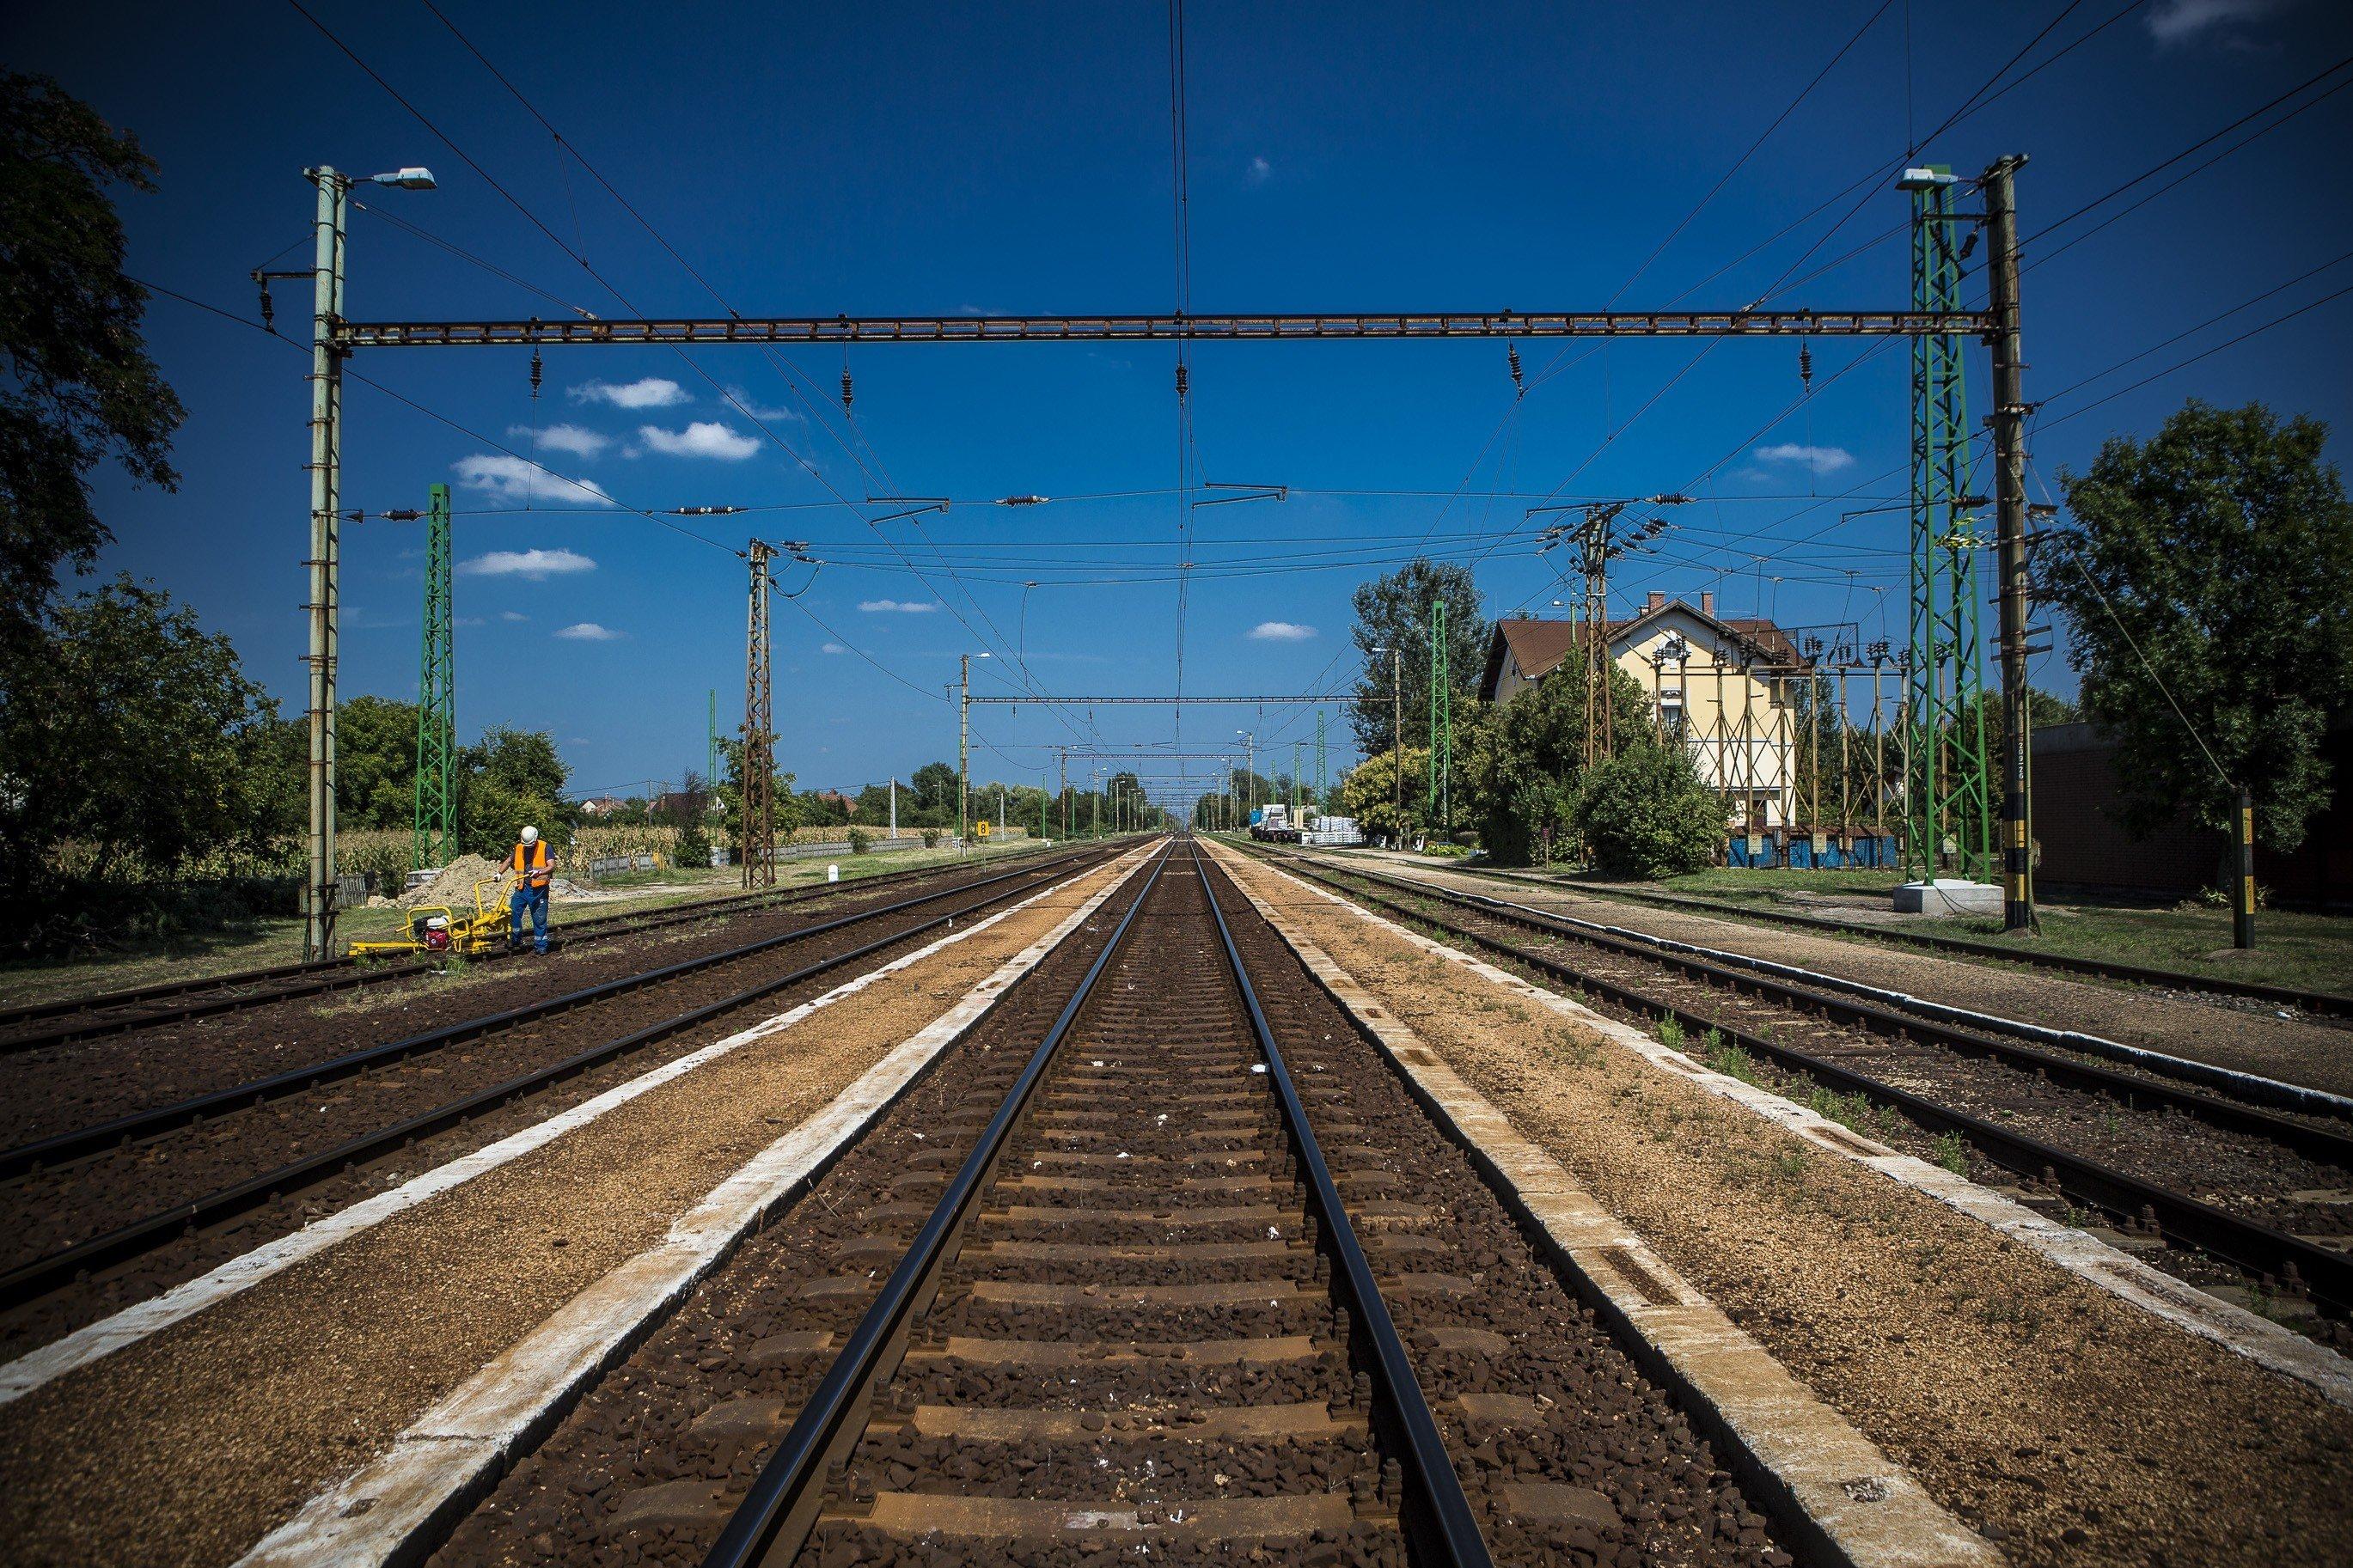 2020-ig 1500 milliárd forinttal támogatja a kormány a vasútfejlesztést